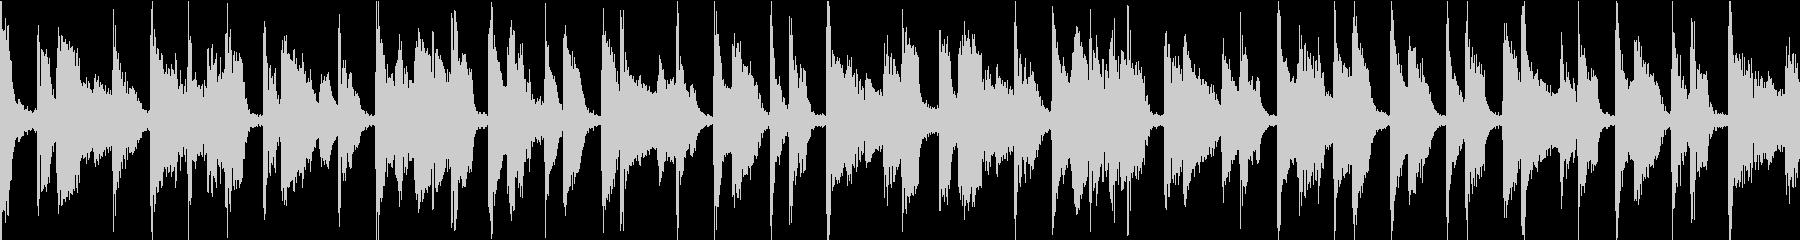 カフェ風 ジャズ ループの未再生の波形